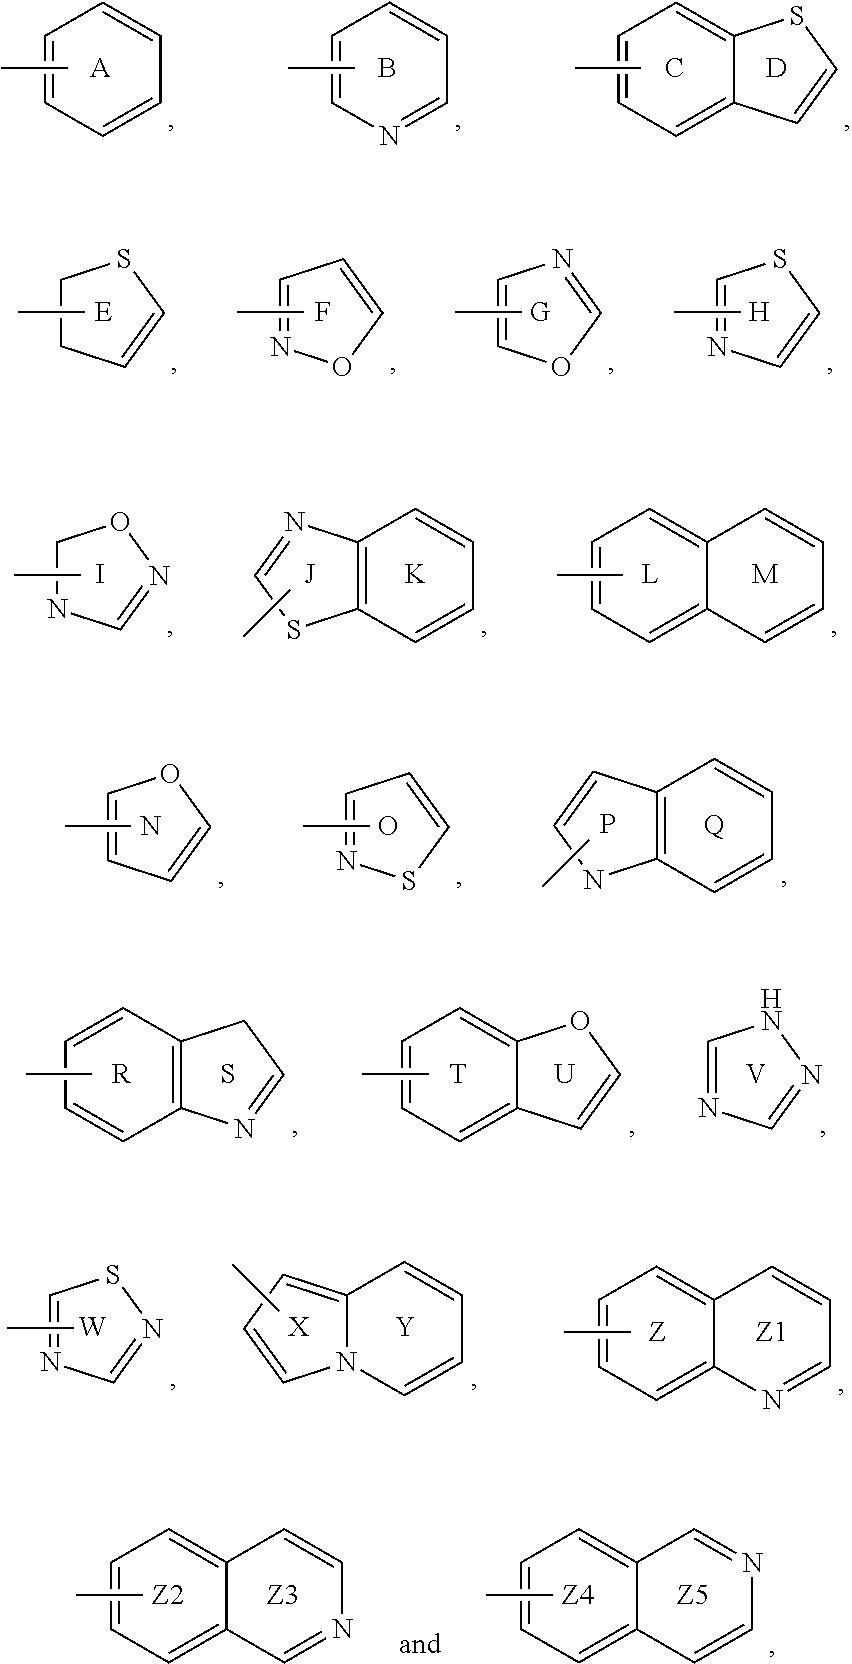 Figure US09272996-20160301-C00023